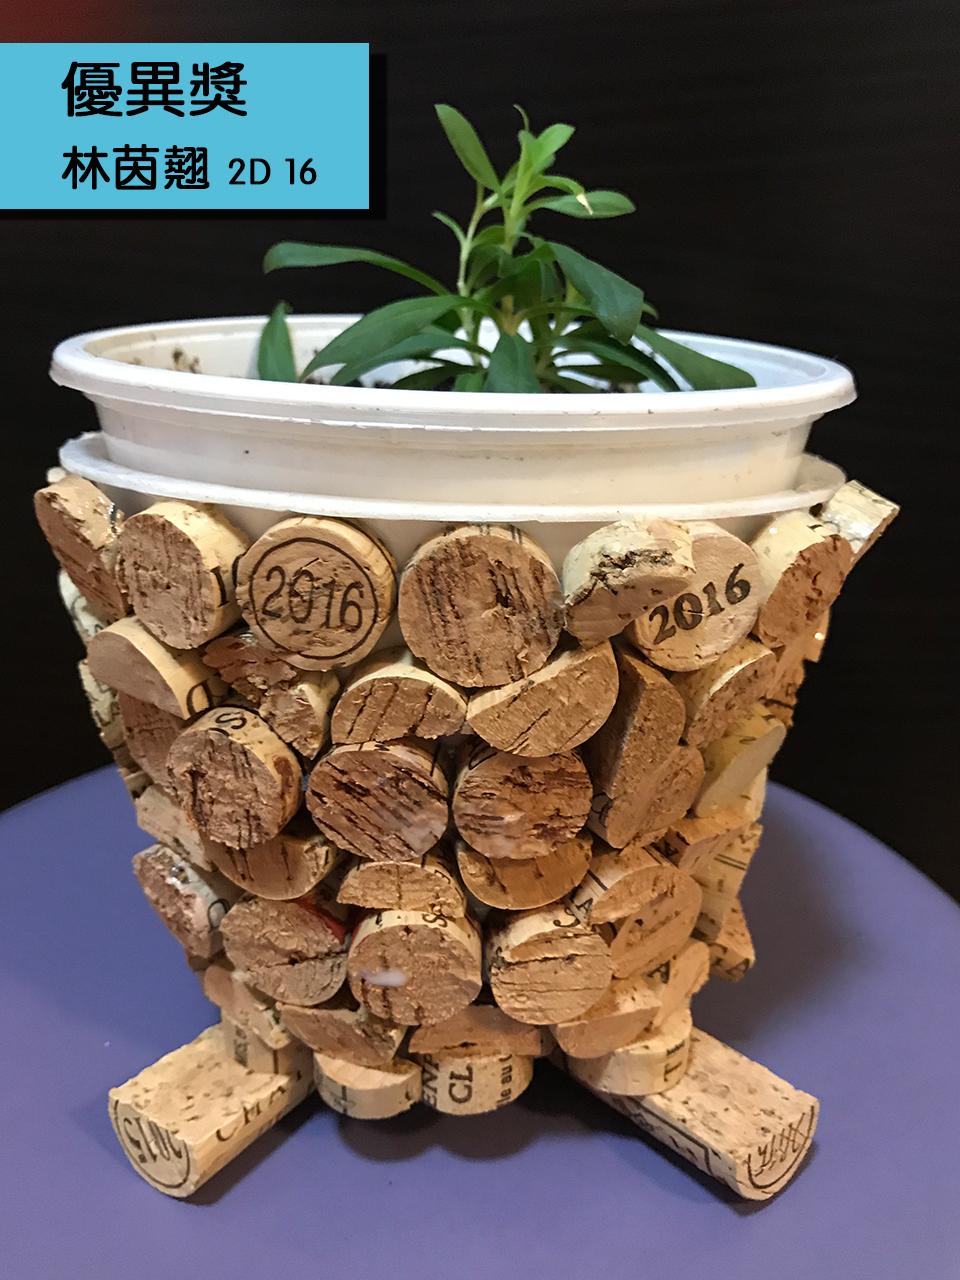 https://plkcjy.edu.hk/sites/default/files/you_yi_jiang_2d_16_lin_yin_qiao_.jpg